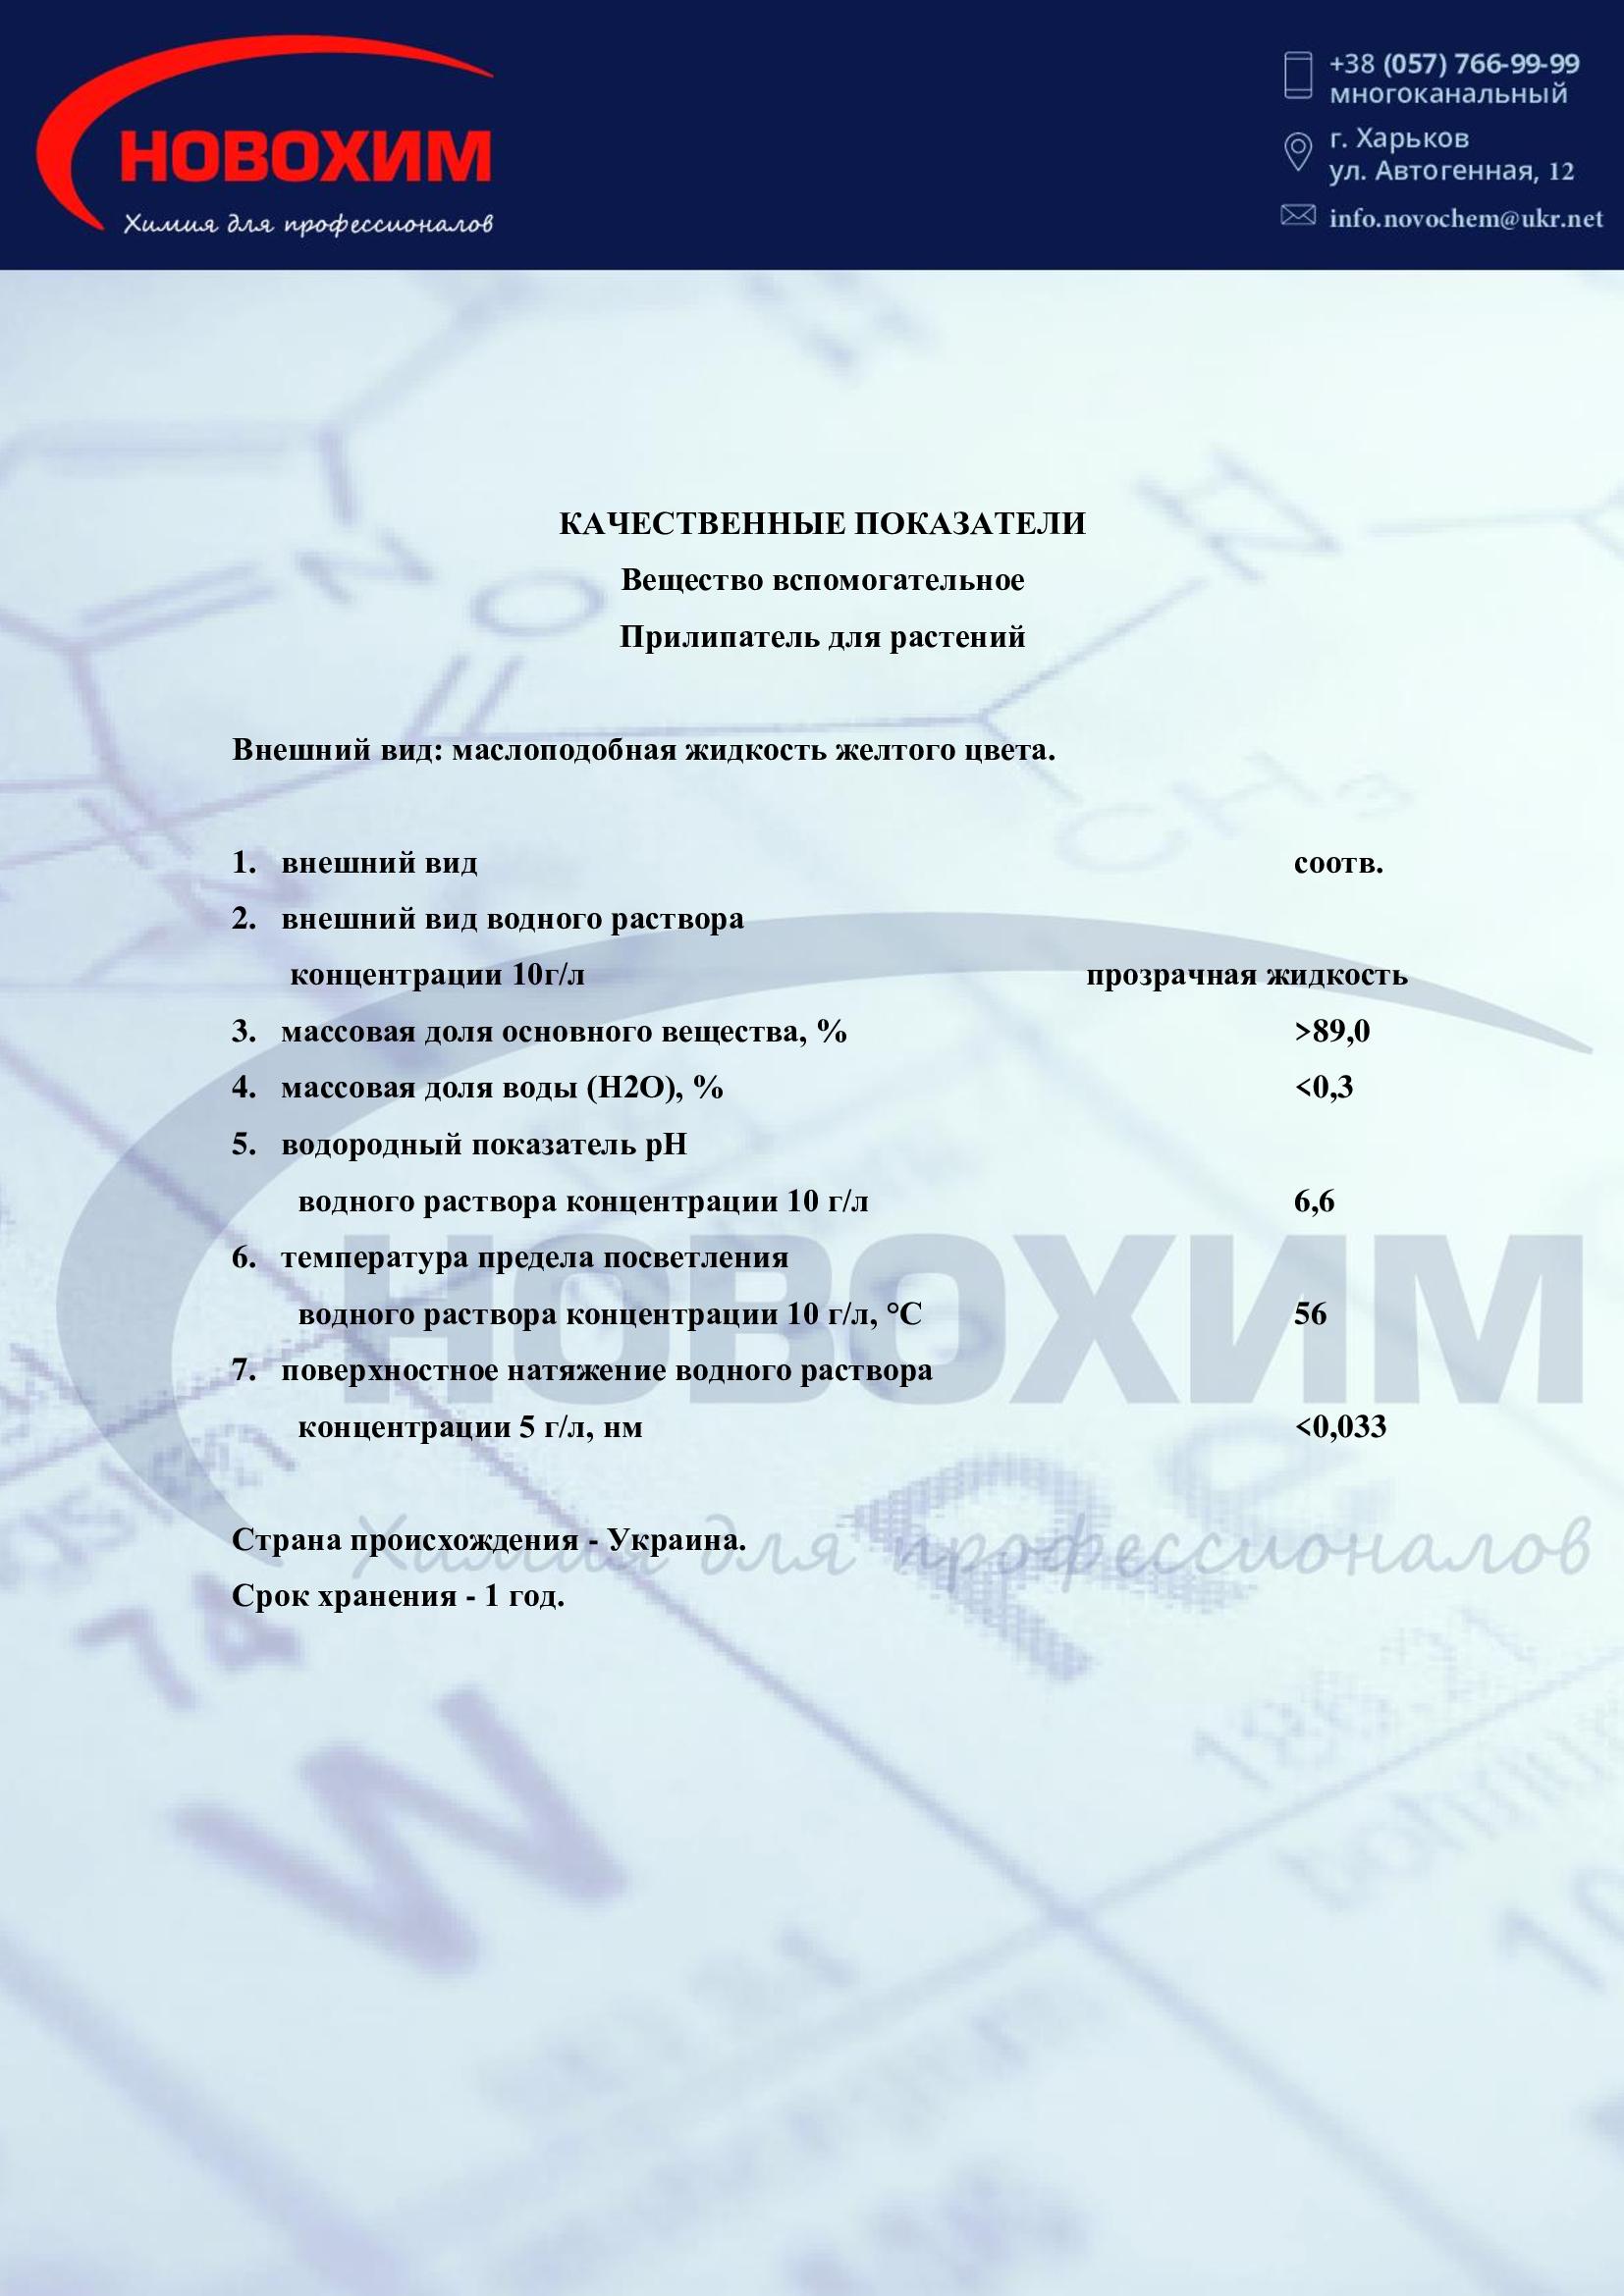 Фото сертификата прилипатель